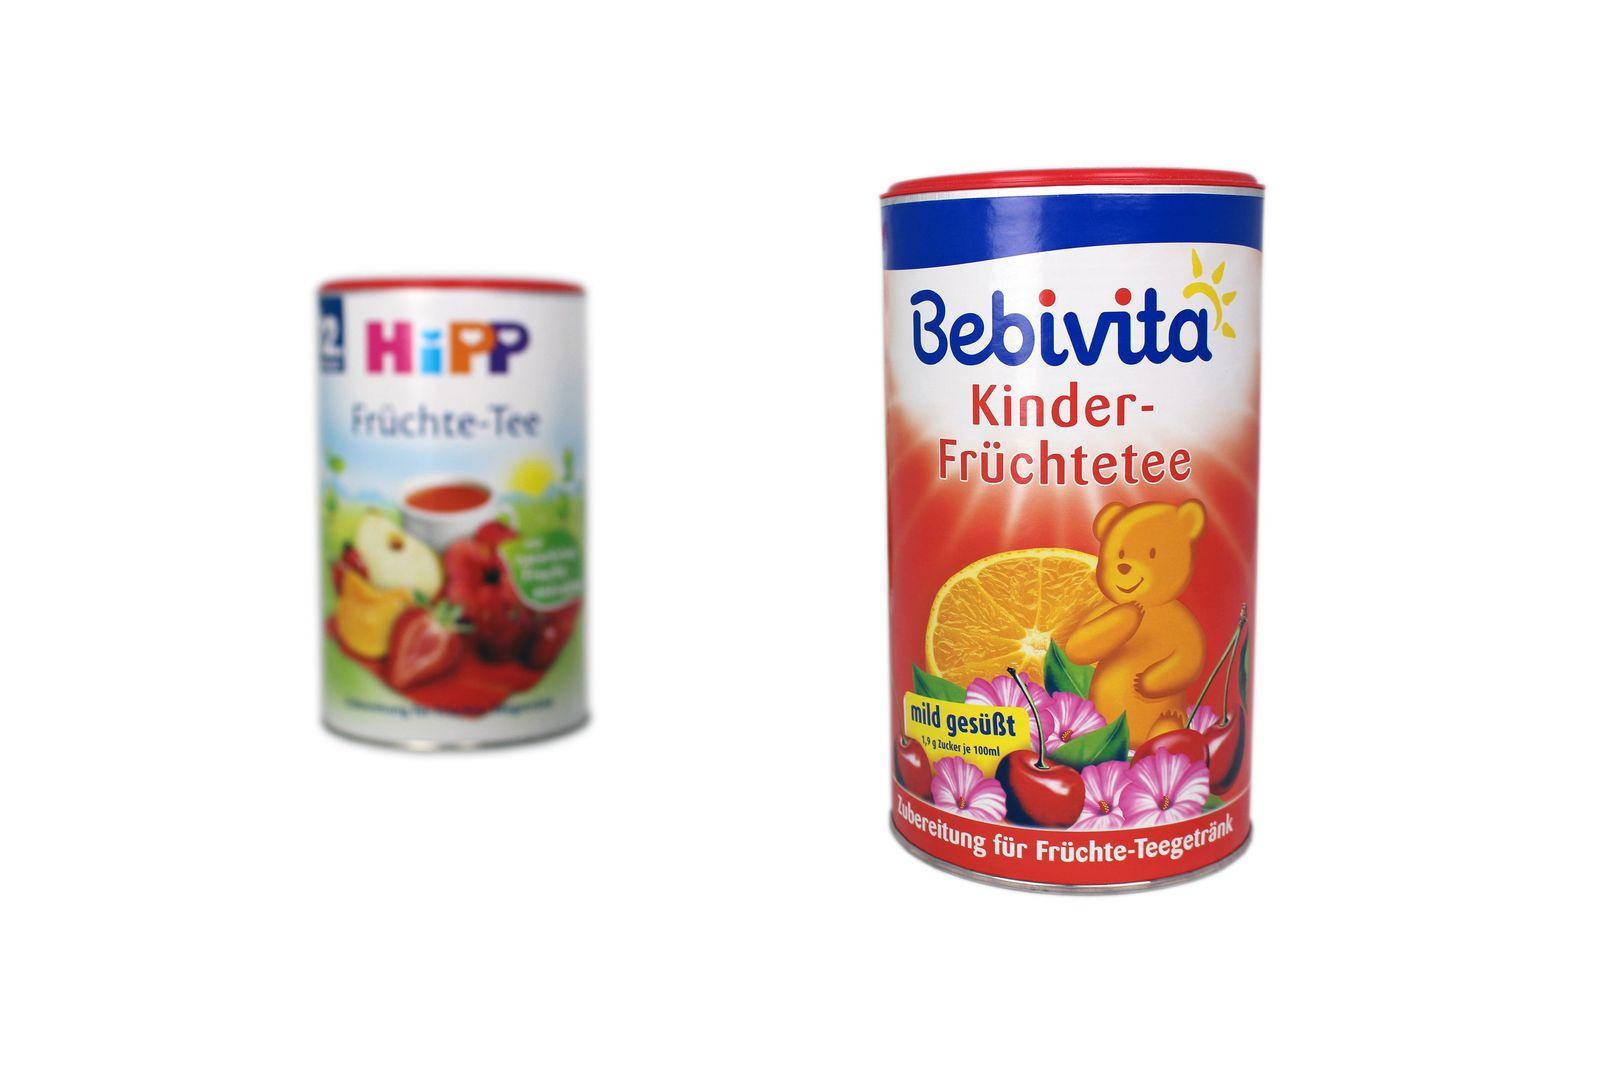 EINMALIGE VERWENDUNG foodwatch / hipp und bebivita